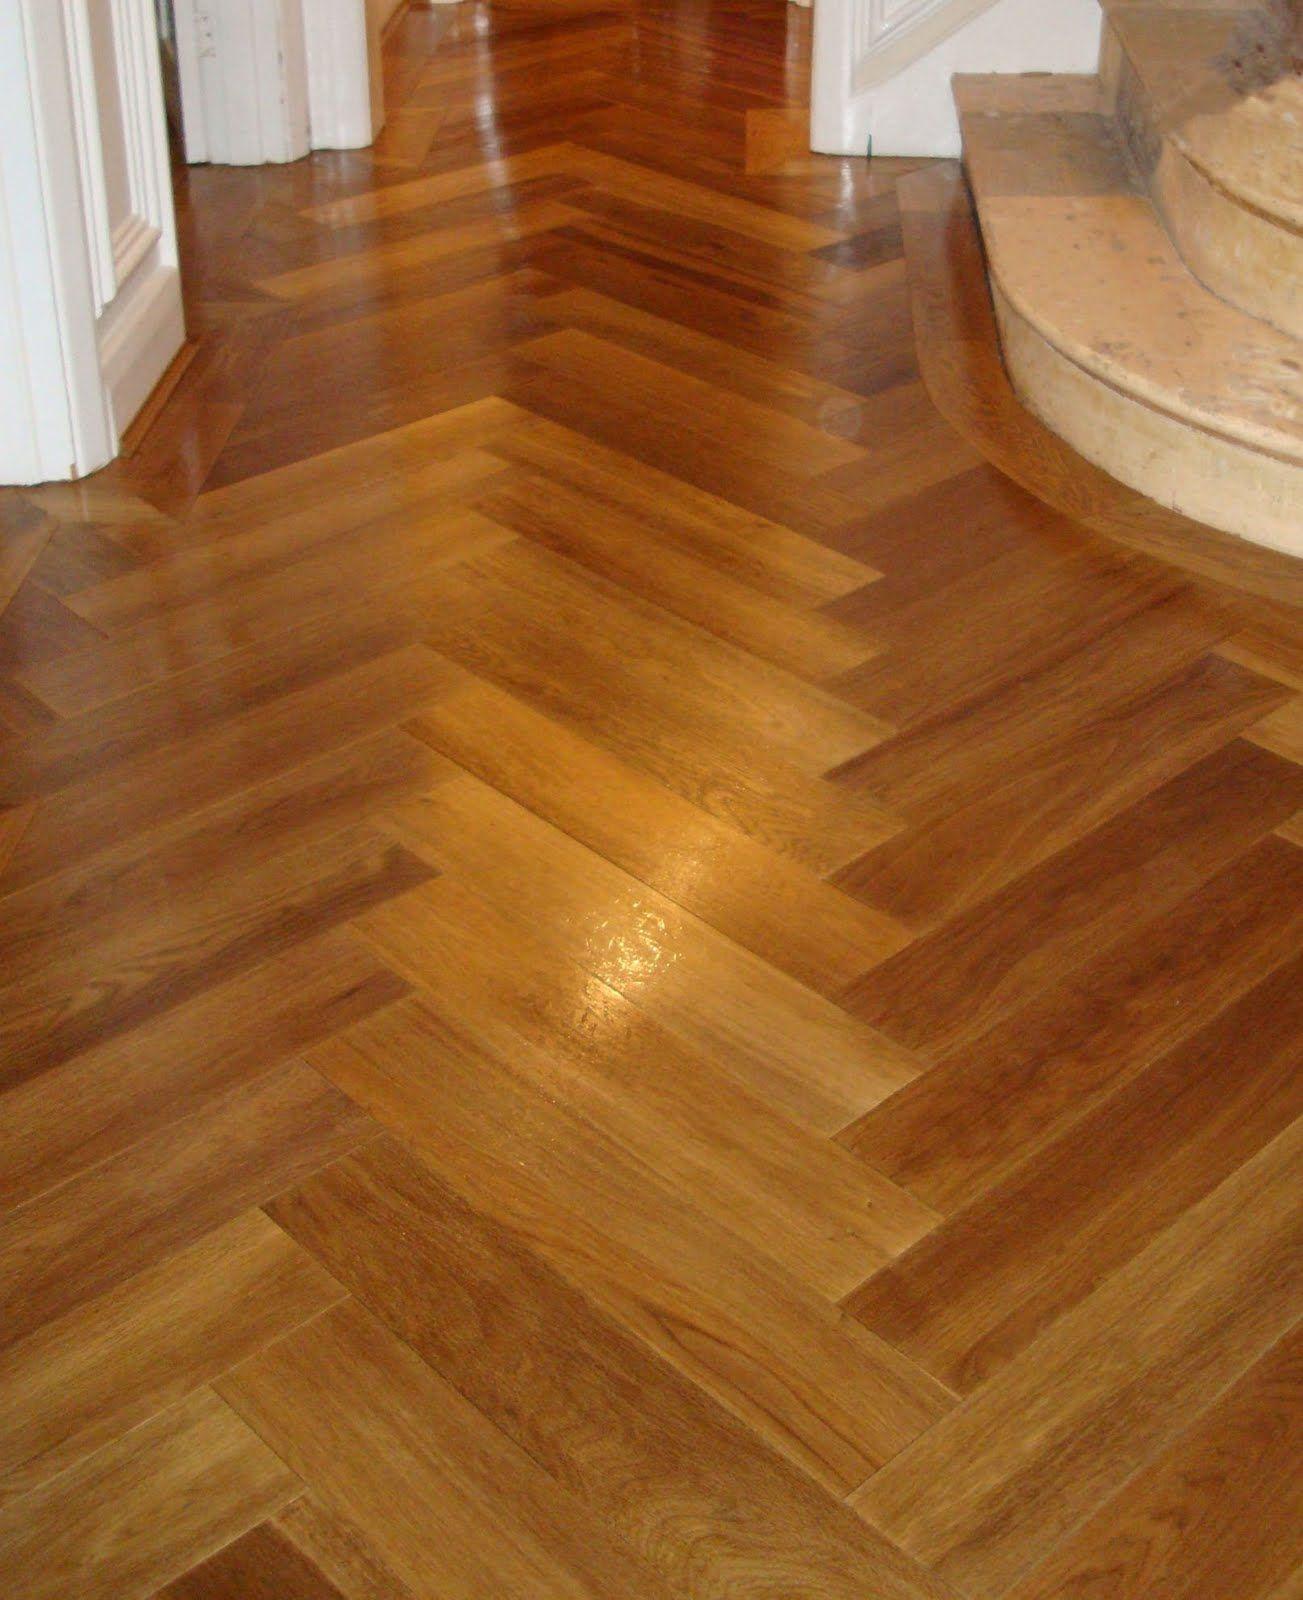 wood flooring ideas Wood Floor,Wood Floor Design,Wood